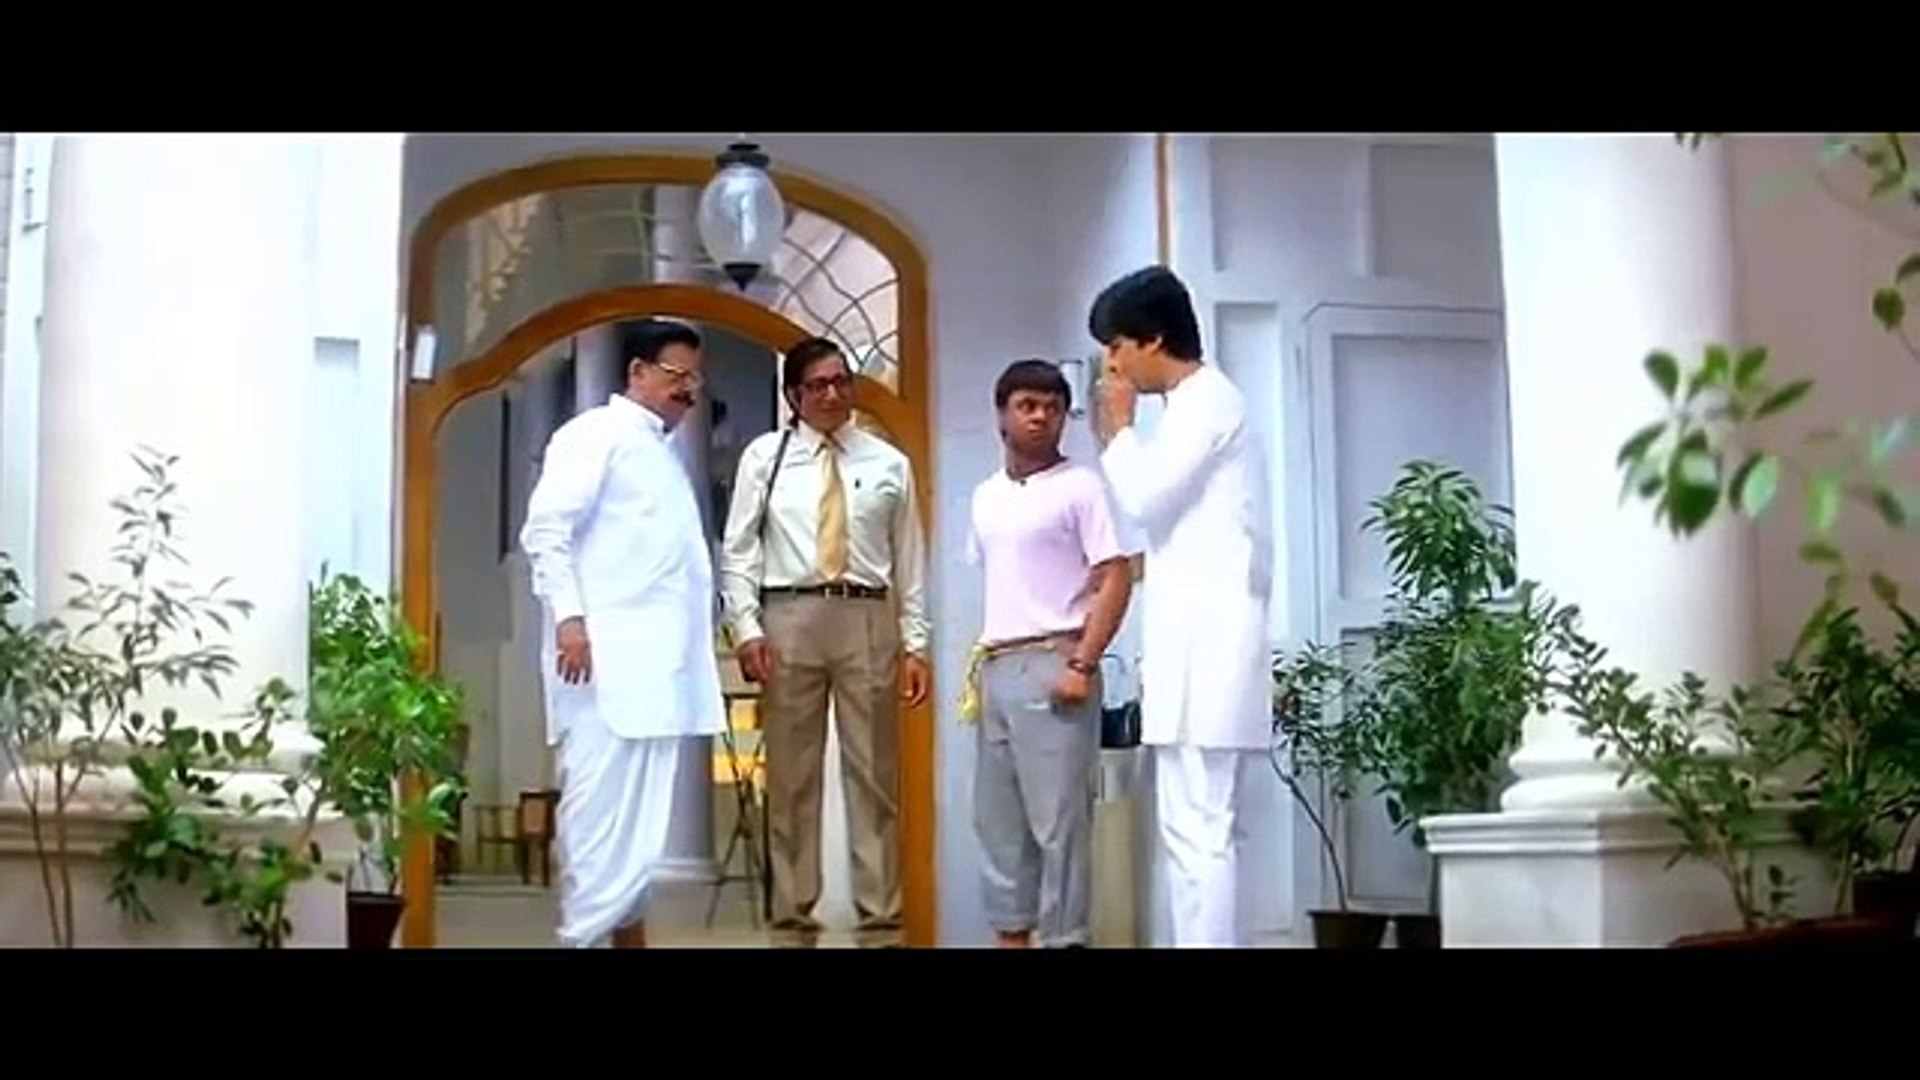 best comedy scenes/ top 10 comedy scenes/movie comedy scenes/Rajpal Yadav comedy/shakti kapoor comed